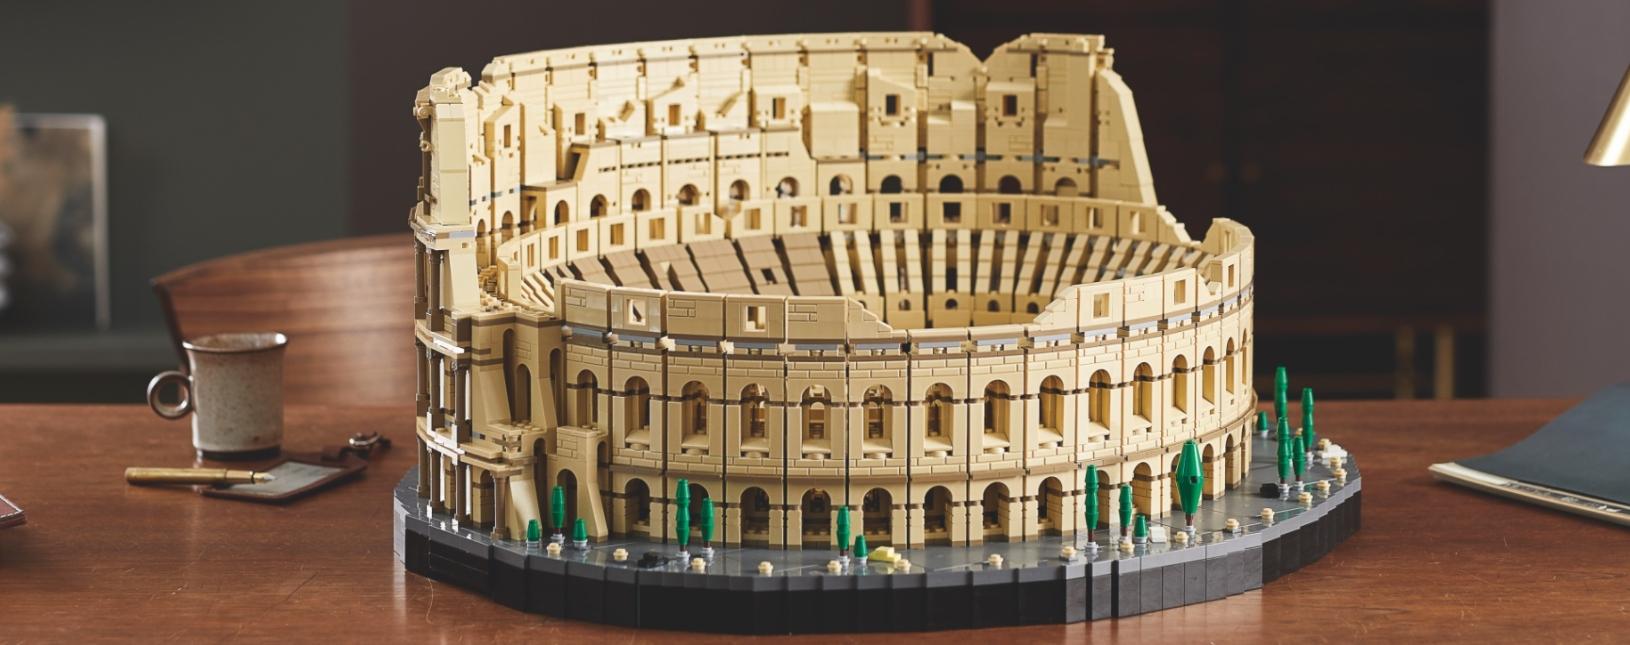 LEGO выпустит самый большой набор в истории  Колизей на 9036 деталей